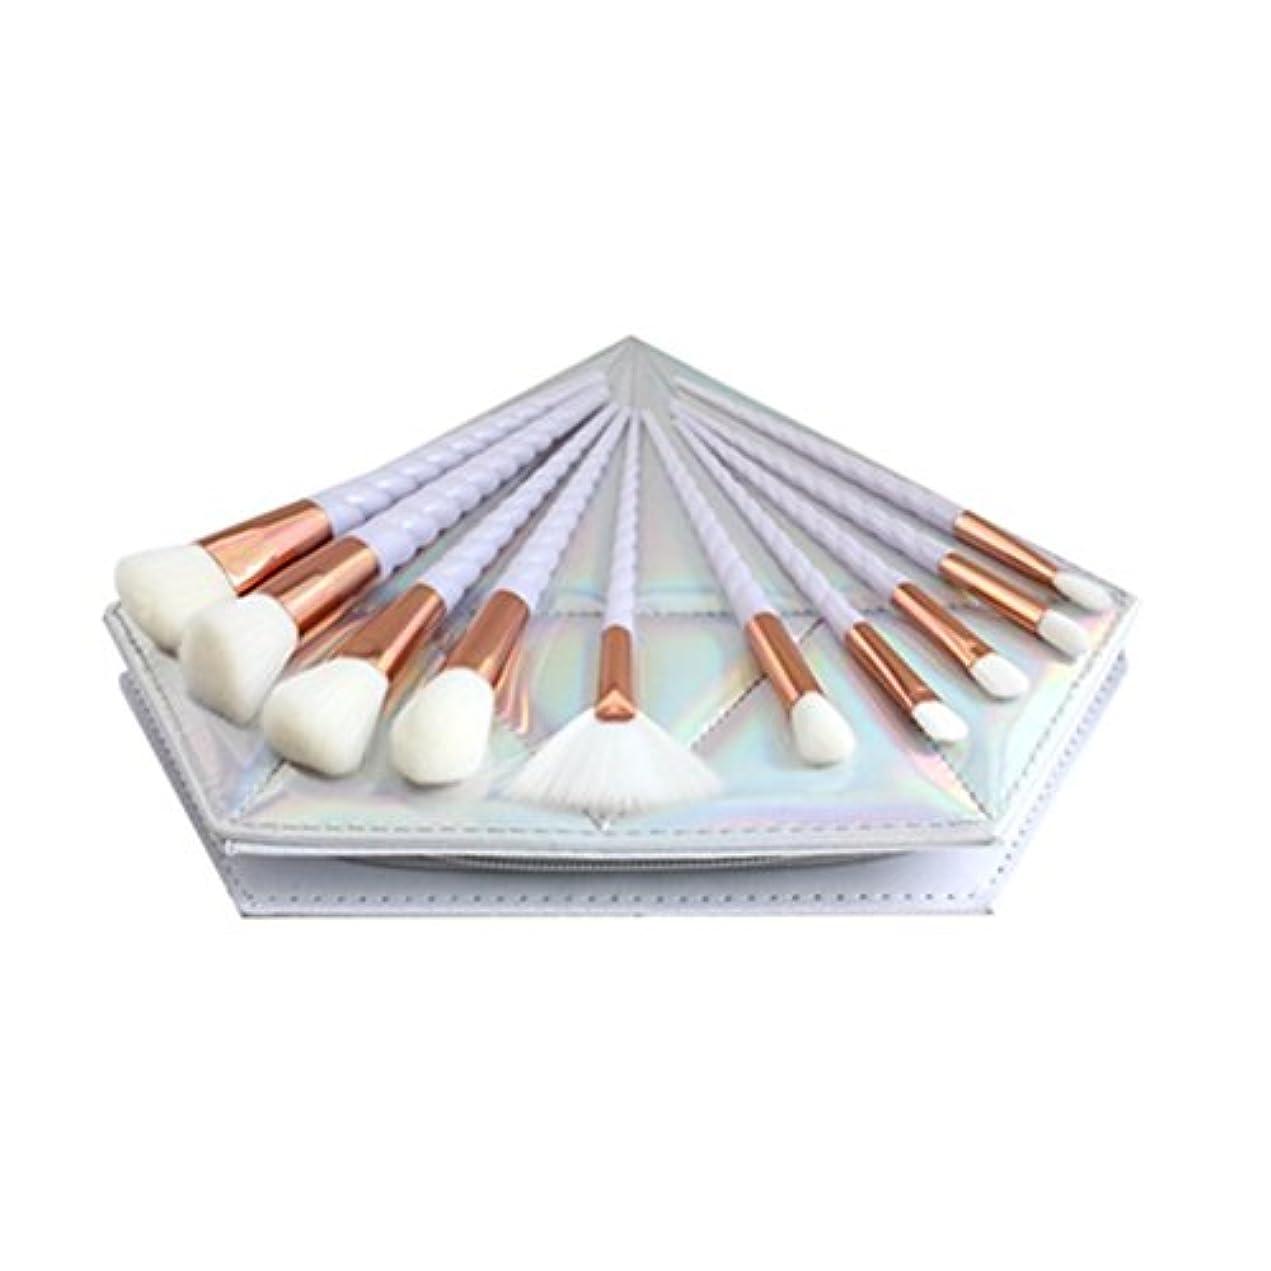 高める公演対応するDilla Beauty 10本セットユニコーンデザインプラスチックハンドル形状メイクブラシセット合成毛ファンデーションブラシアイシャドーブラッシャー美容ツール美しい化粧品のバッグを送る (白い柄 - 白い髪)